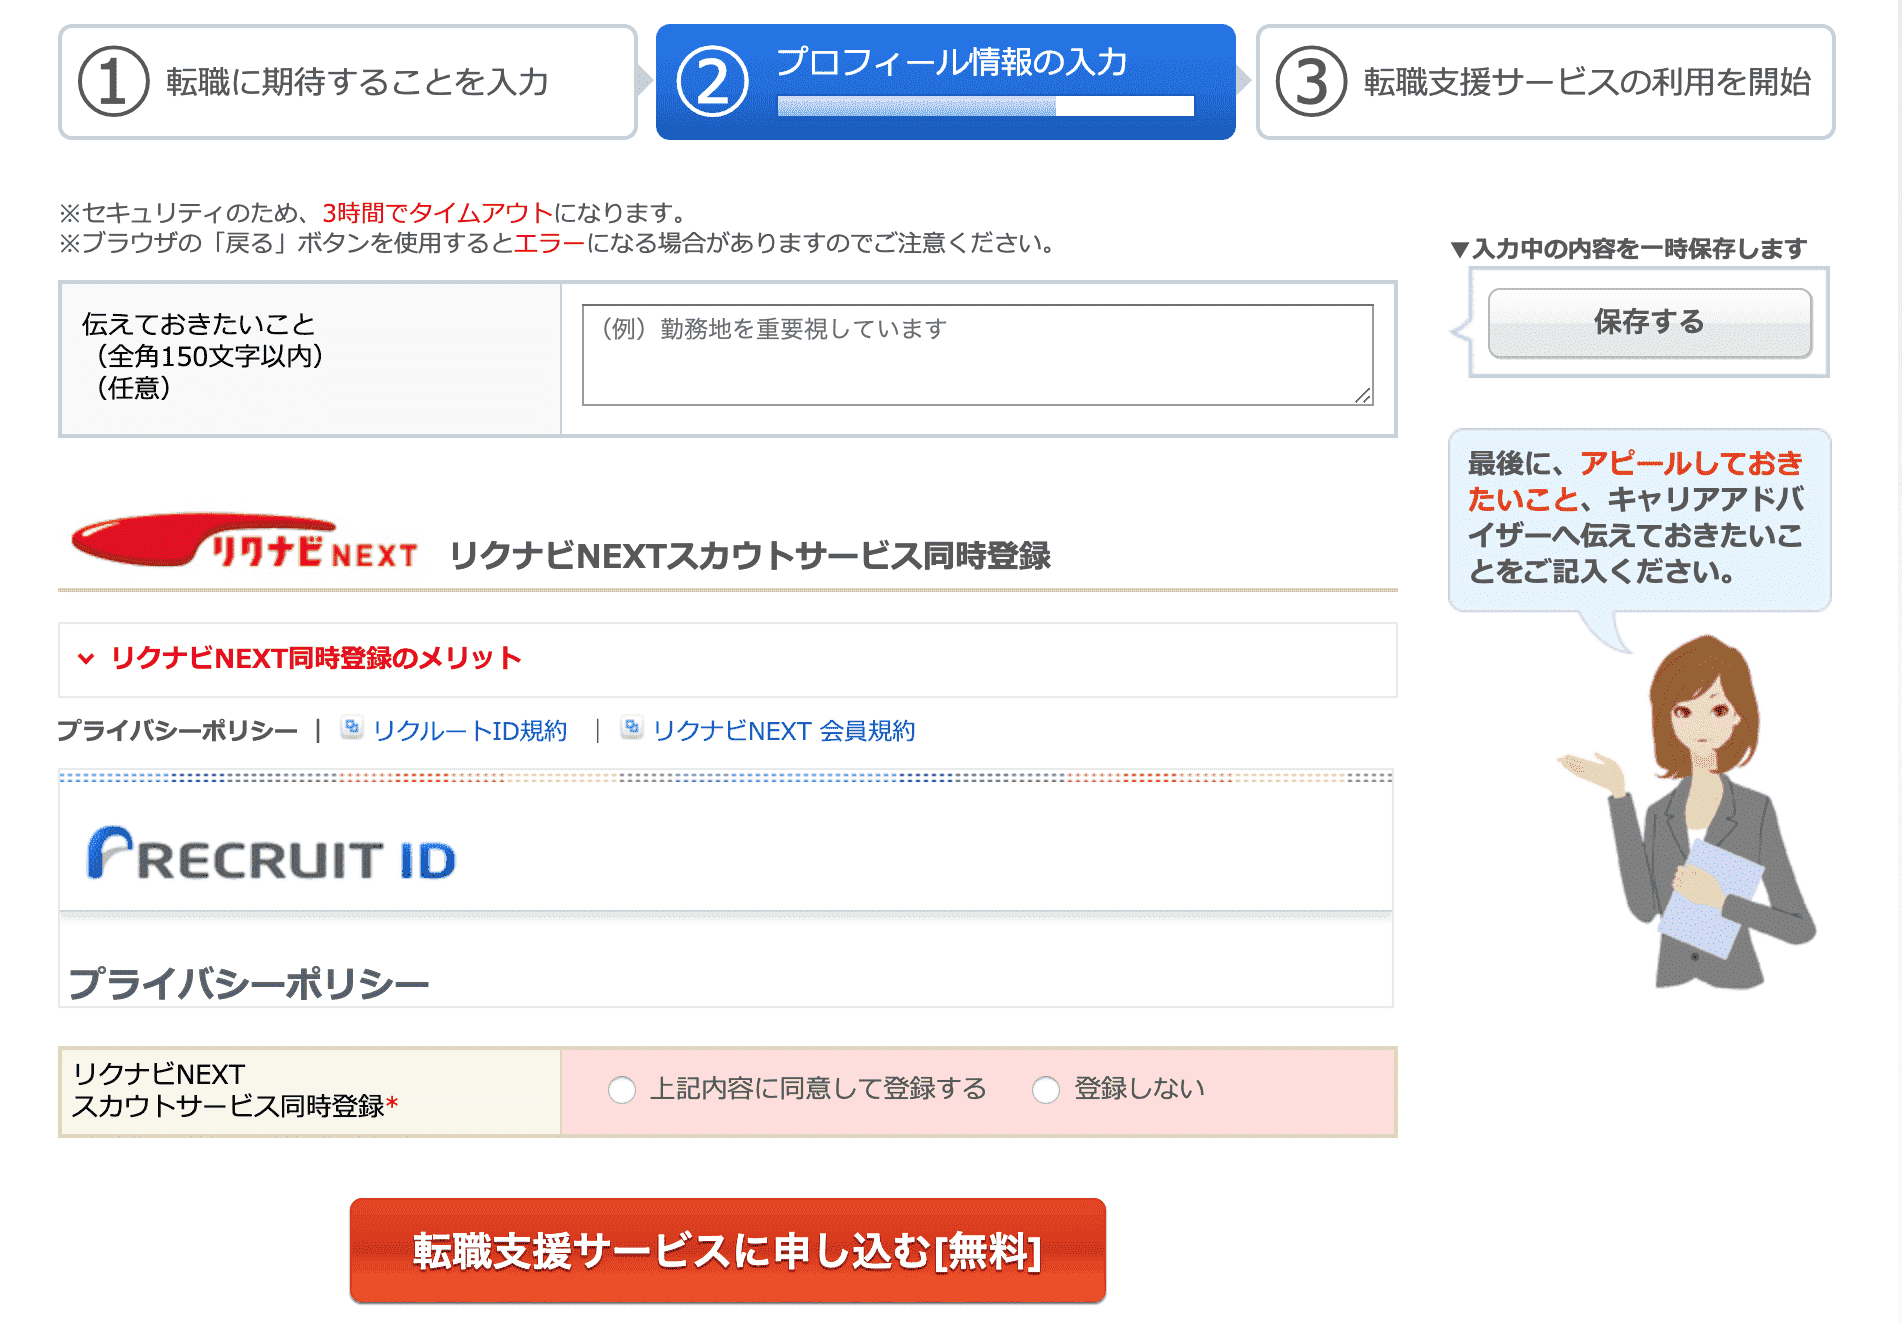 リクルートエージェントのPC登録画面